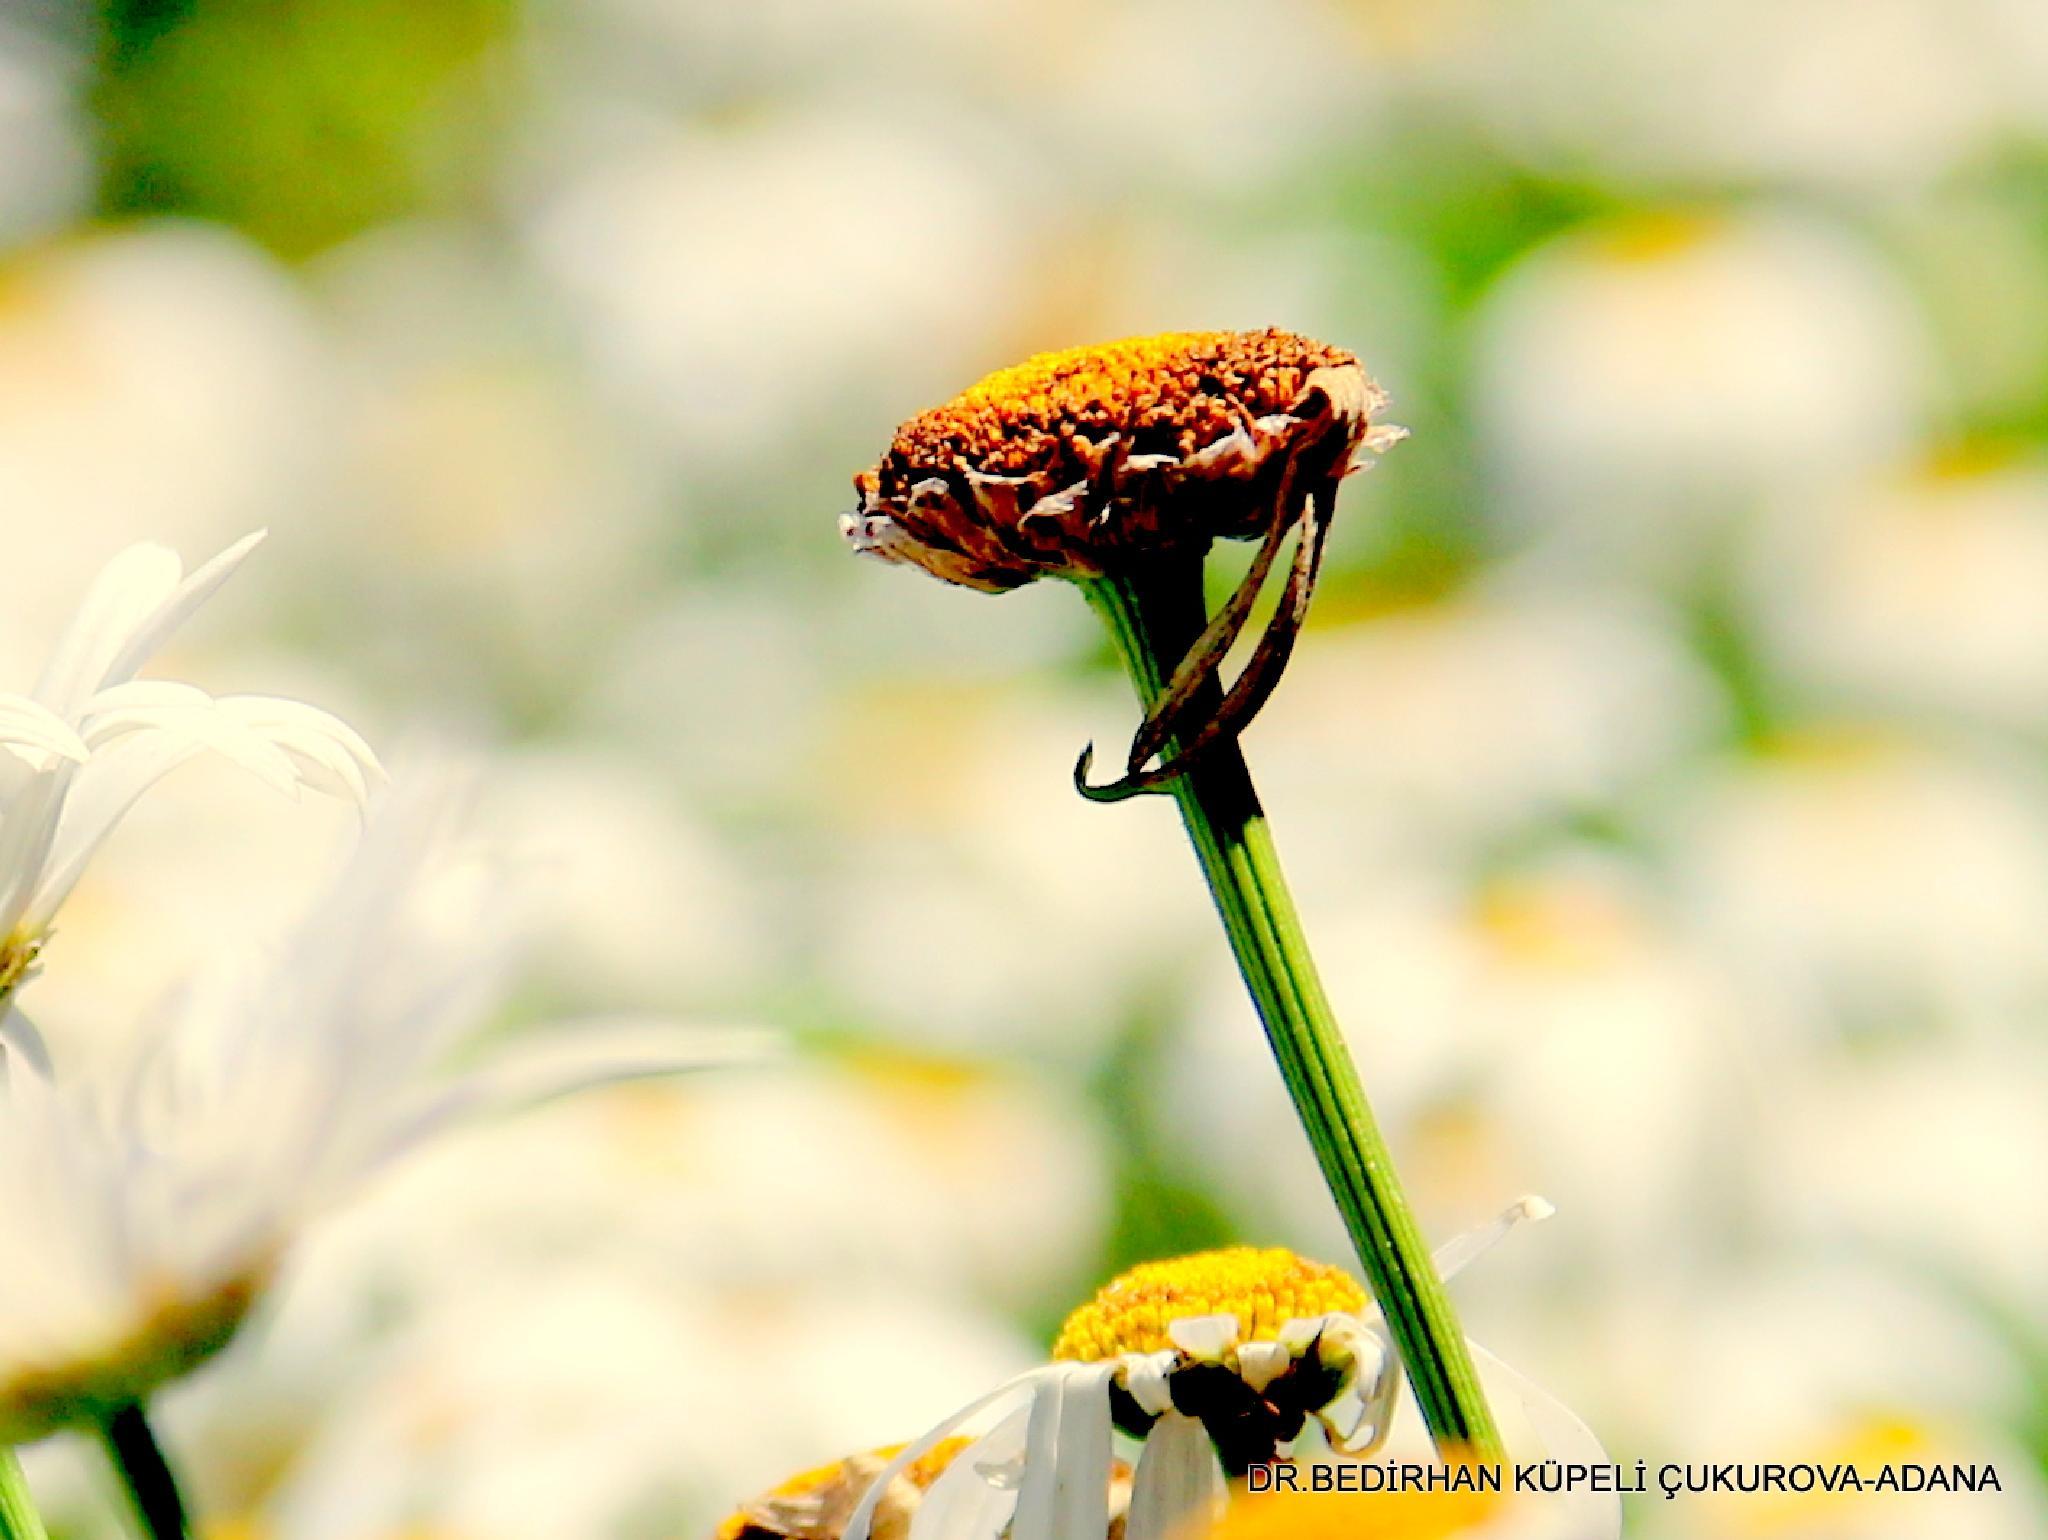 daisy plant by Bedirhan Küpeli